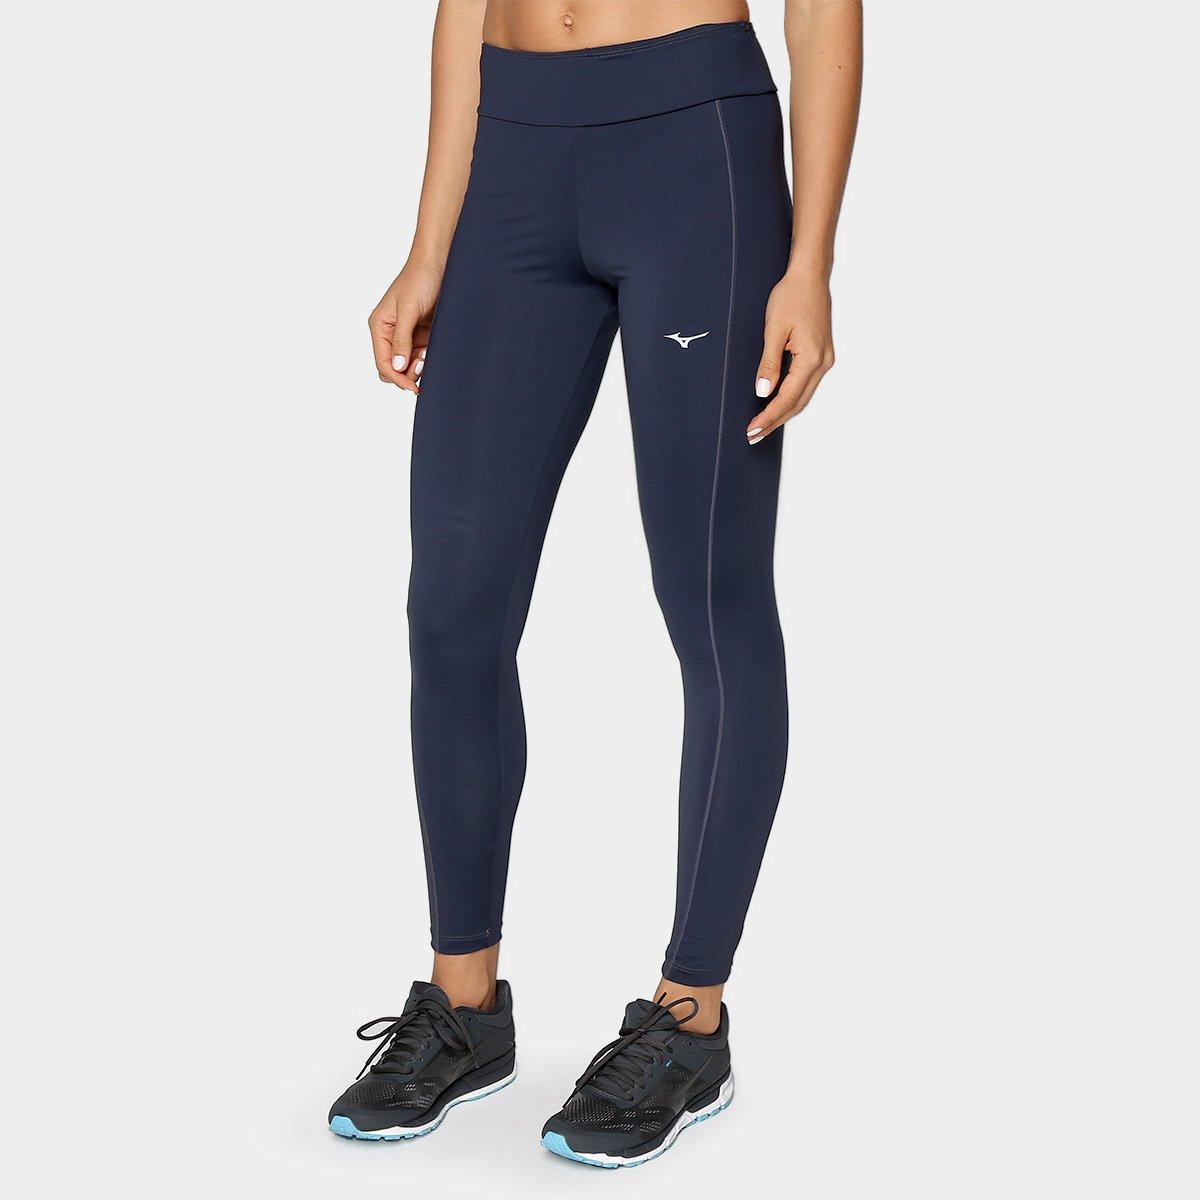 Calça Legging Mizuno Prorunner Com Proteção UV Feminina